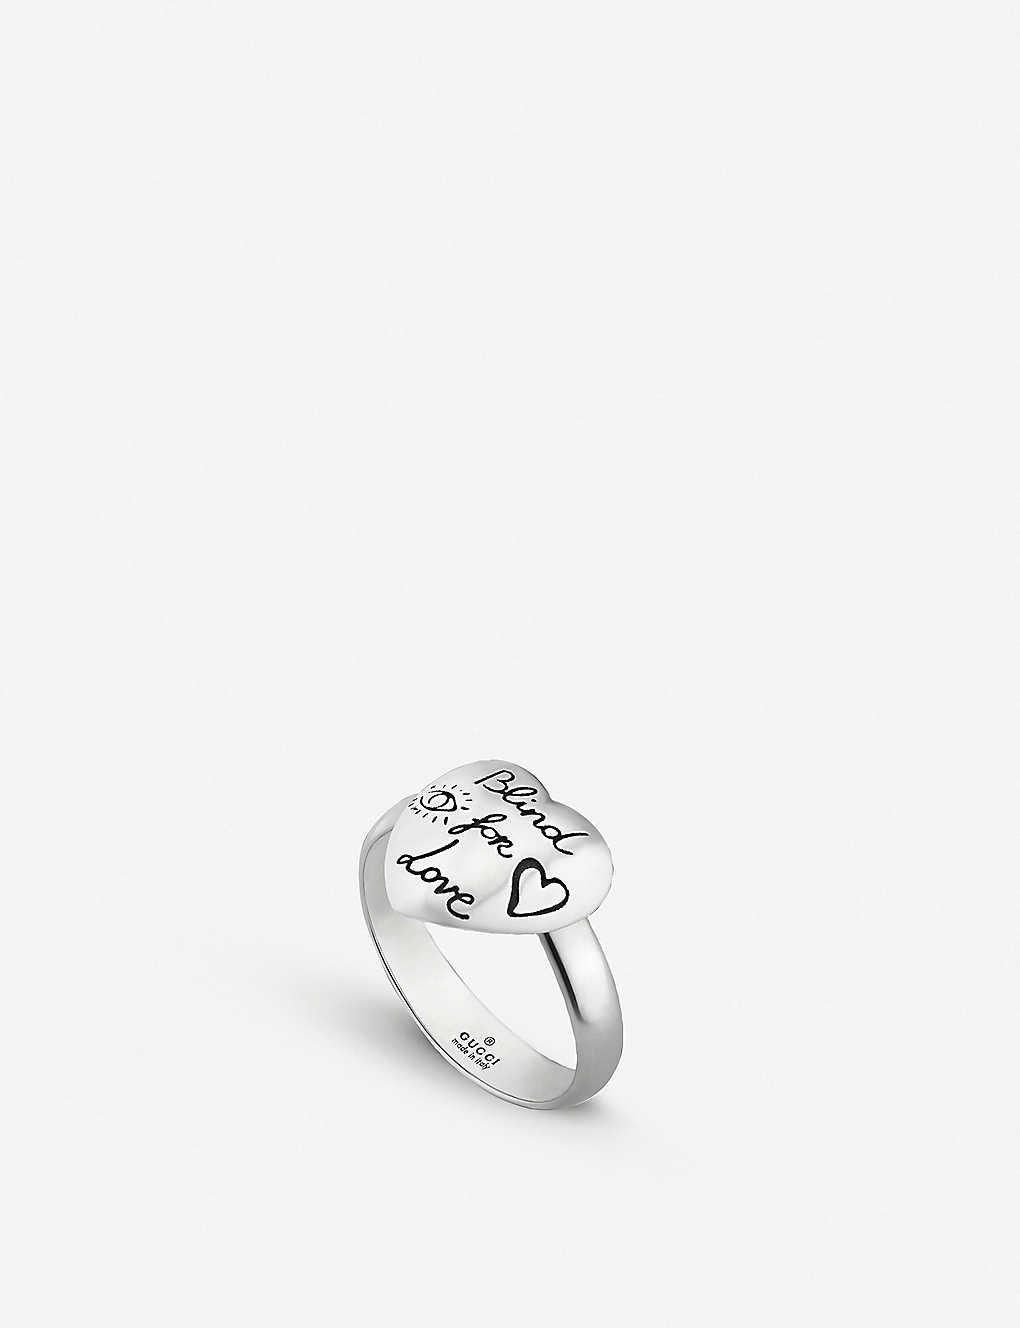 851807af0 GUCCI - Blind For Love heart shape sterling silver ring | Selfridges.com